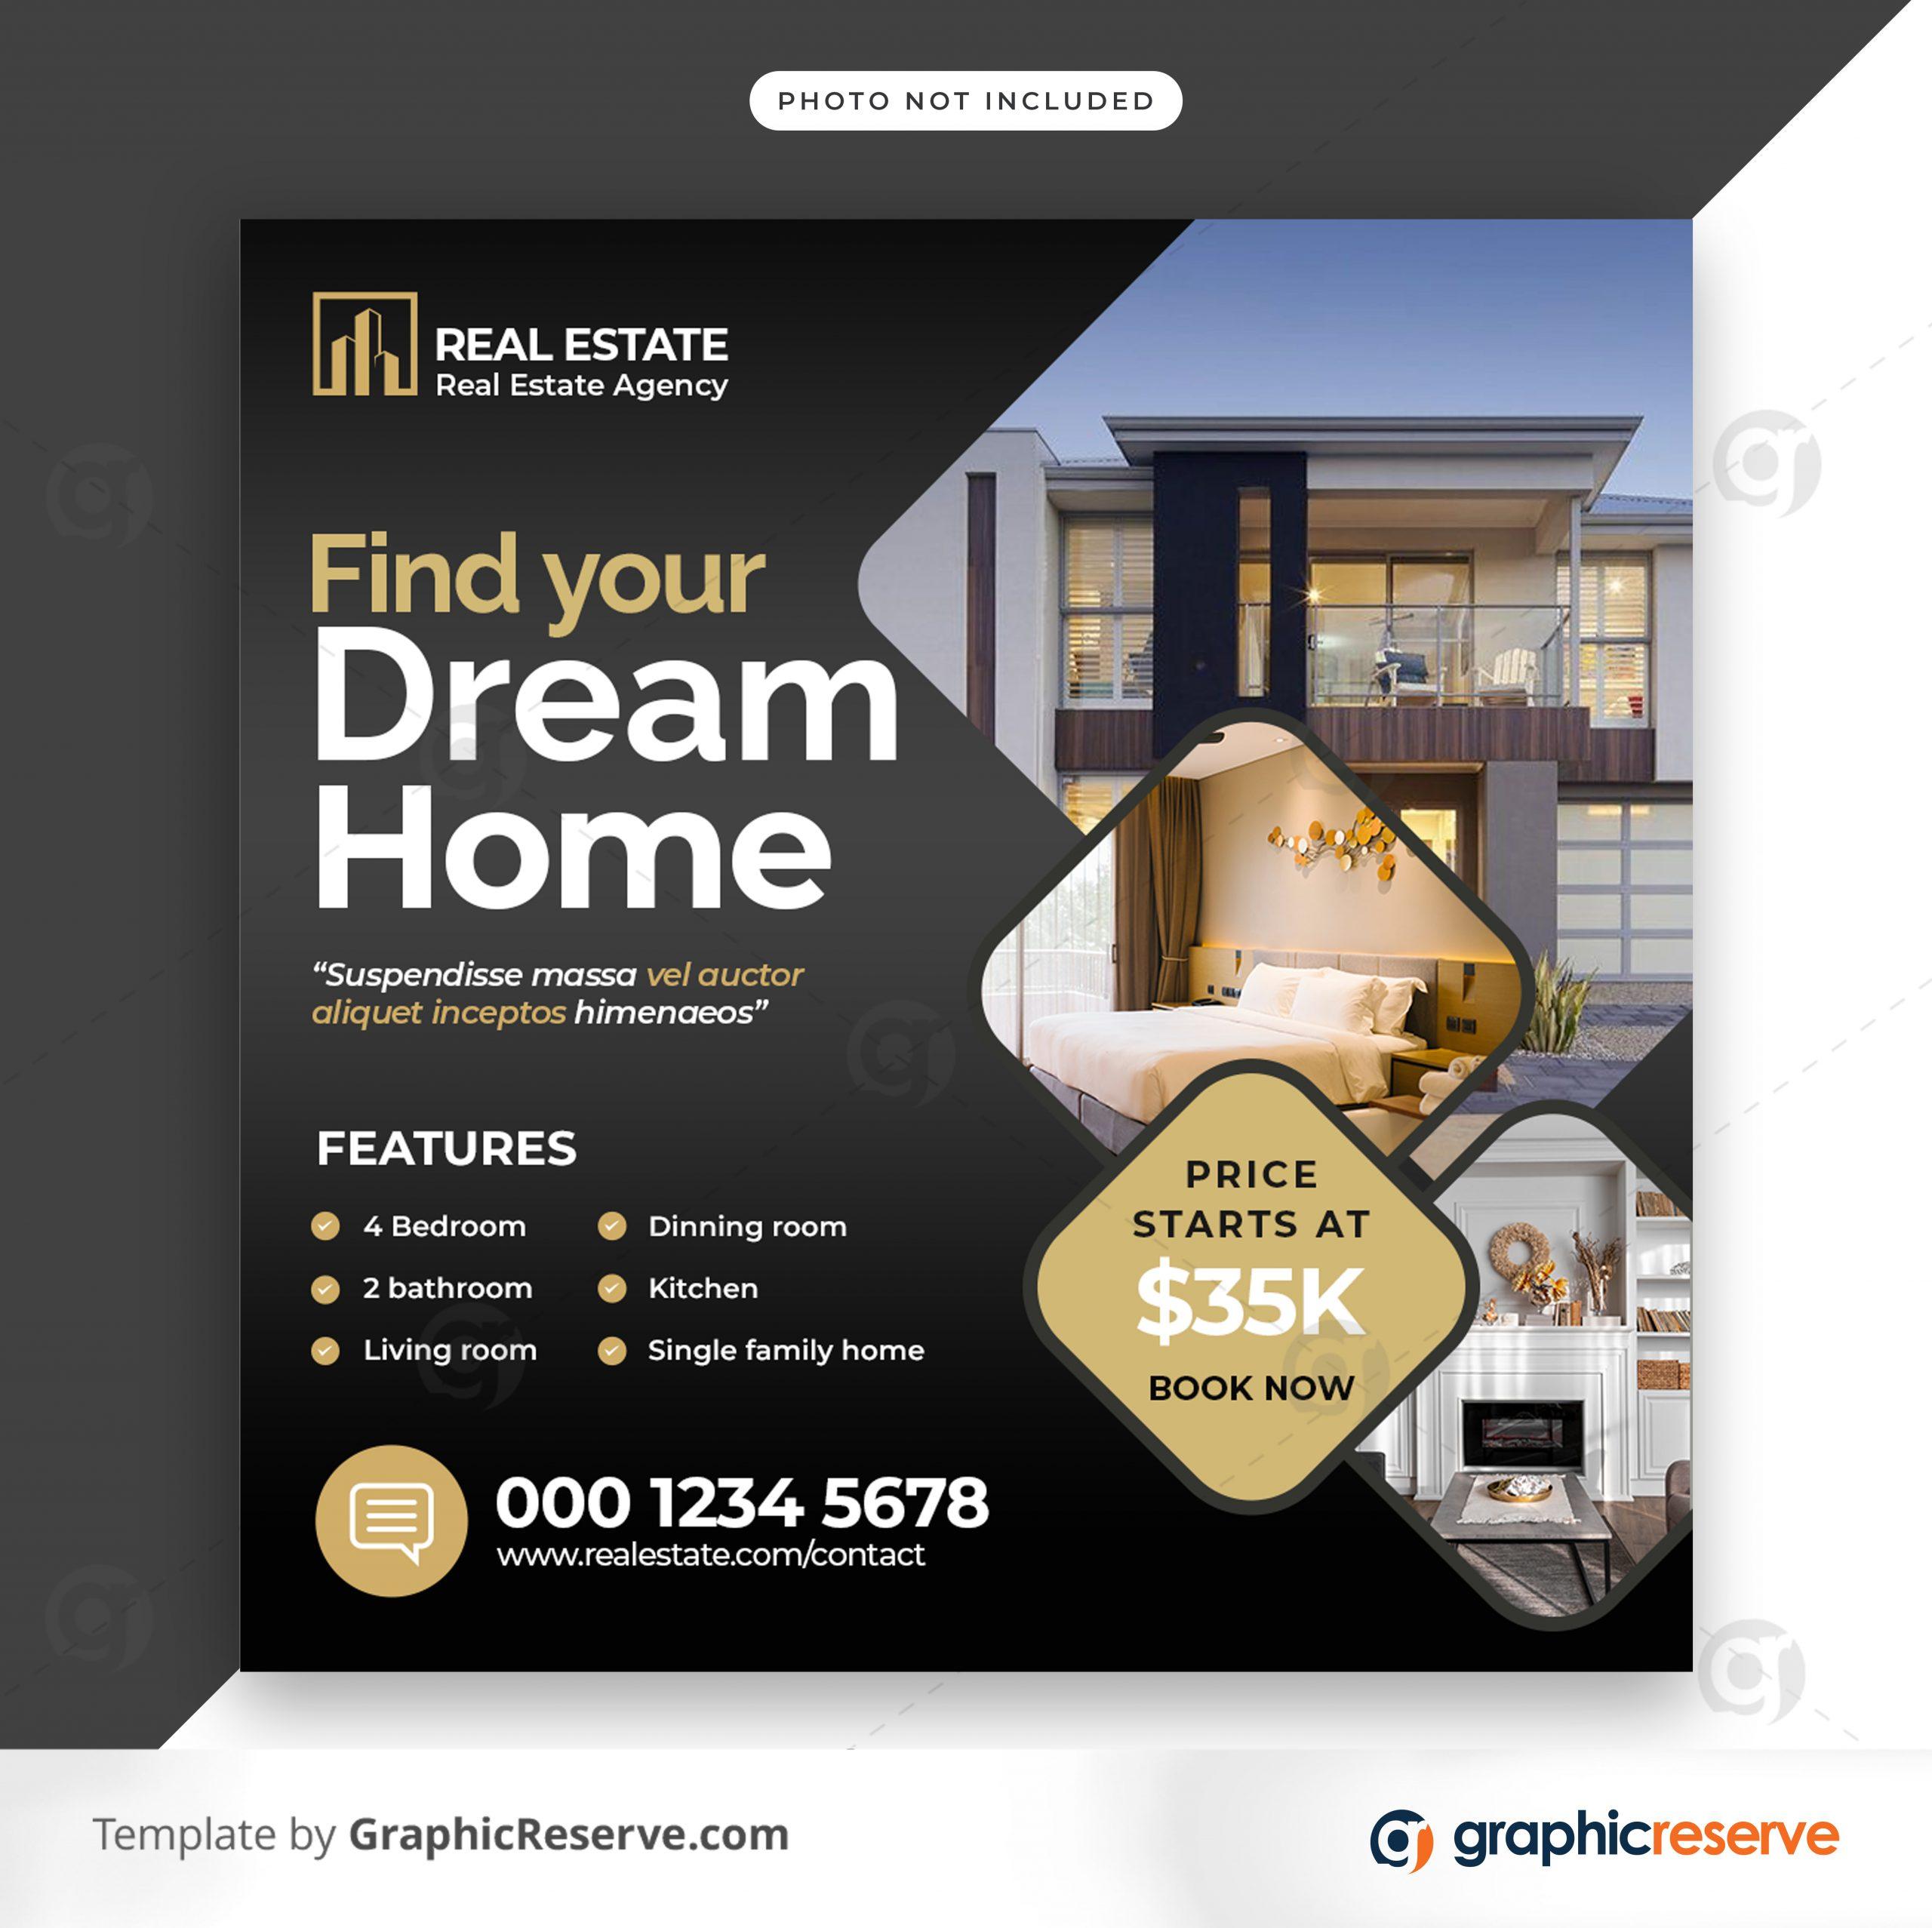 Real estate sale social media banner or square flyer